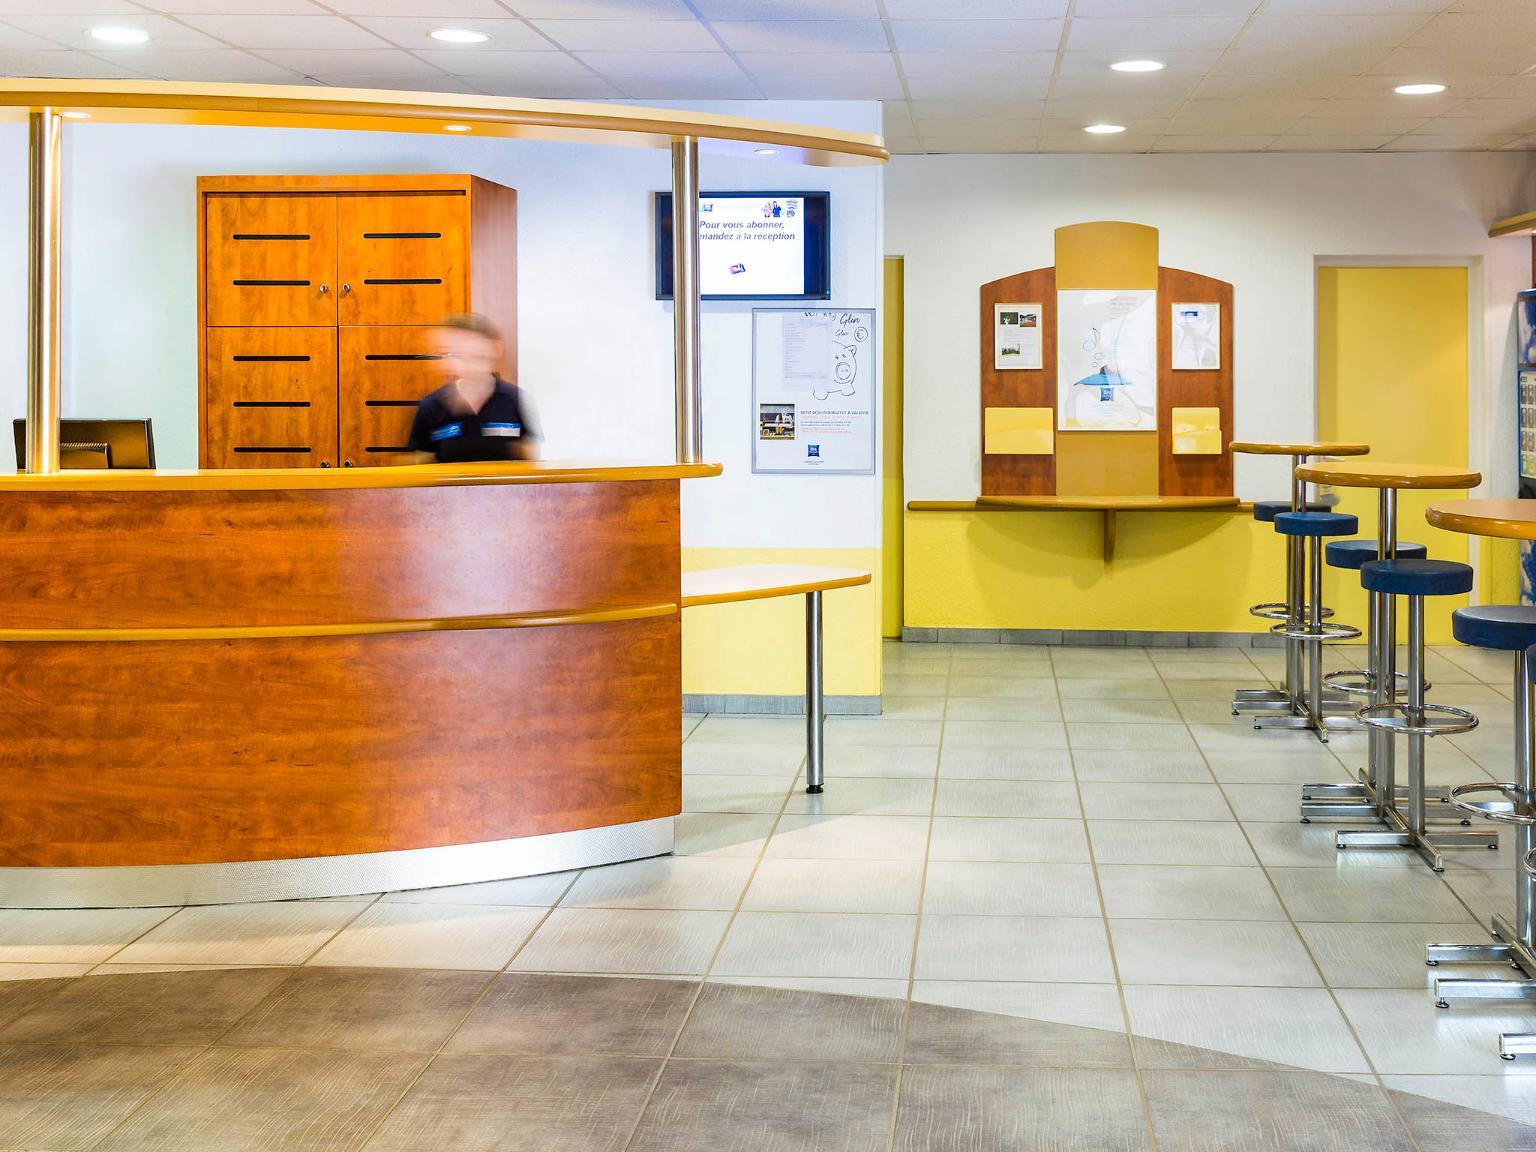 Ibis Budget Toulouse Centre Gare Htel 27 Boulevard Des